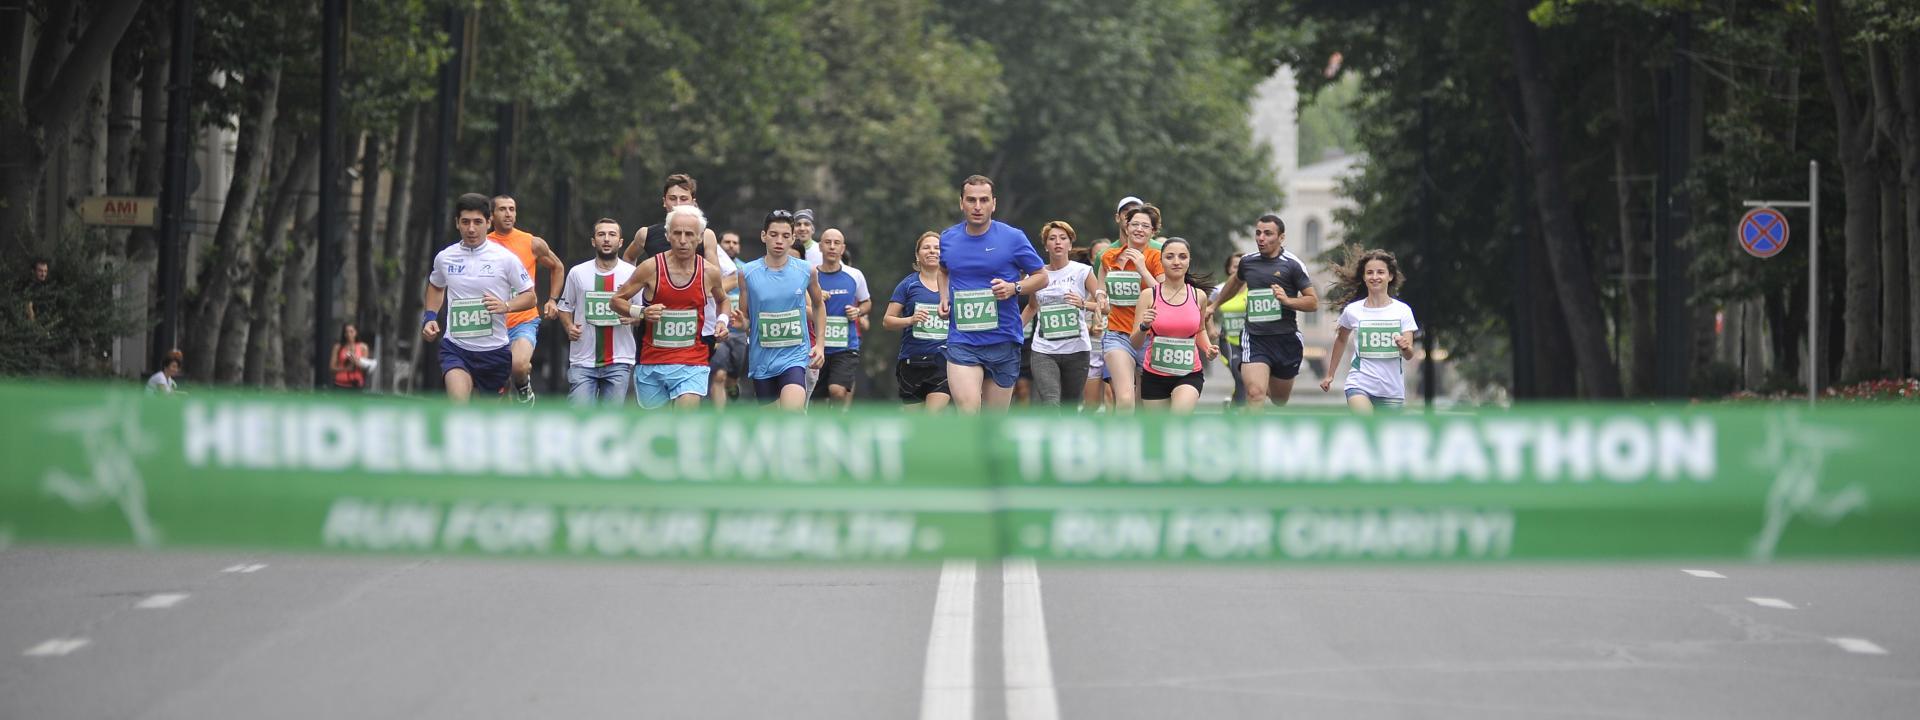 Tbilisimarathon.